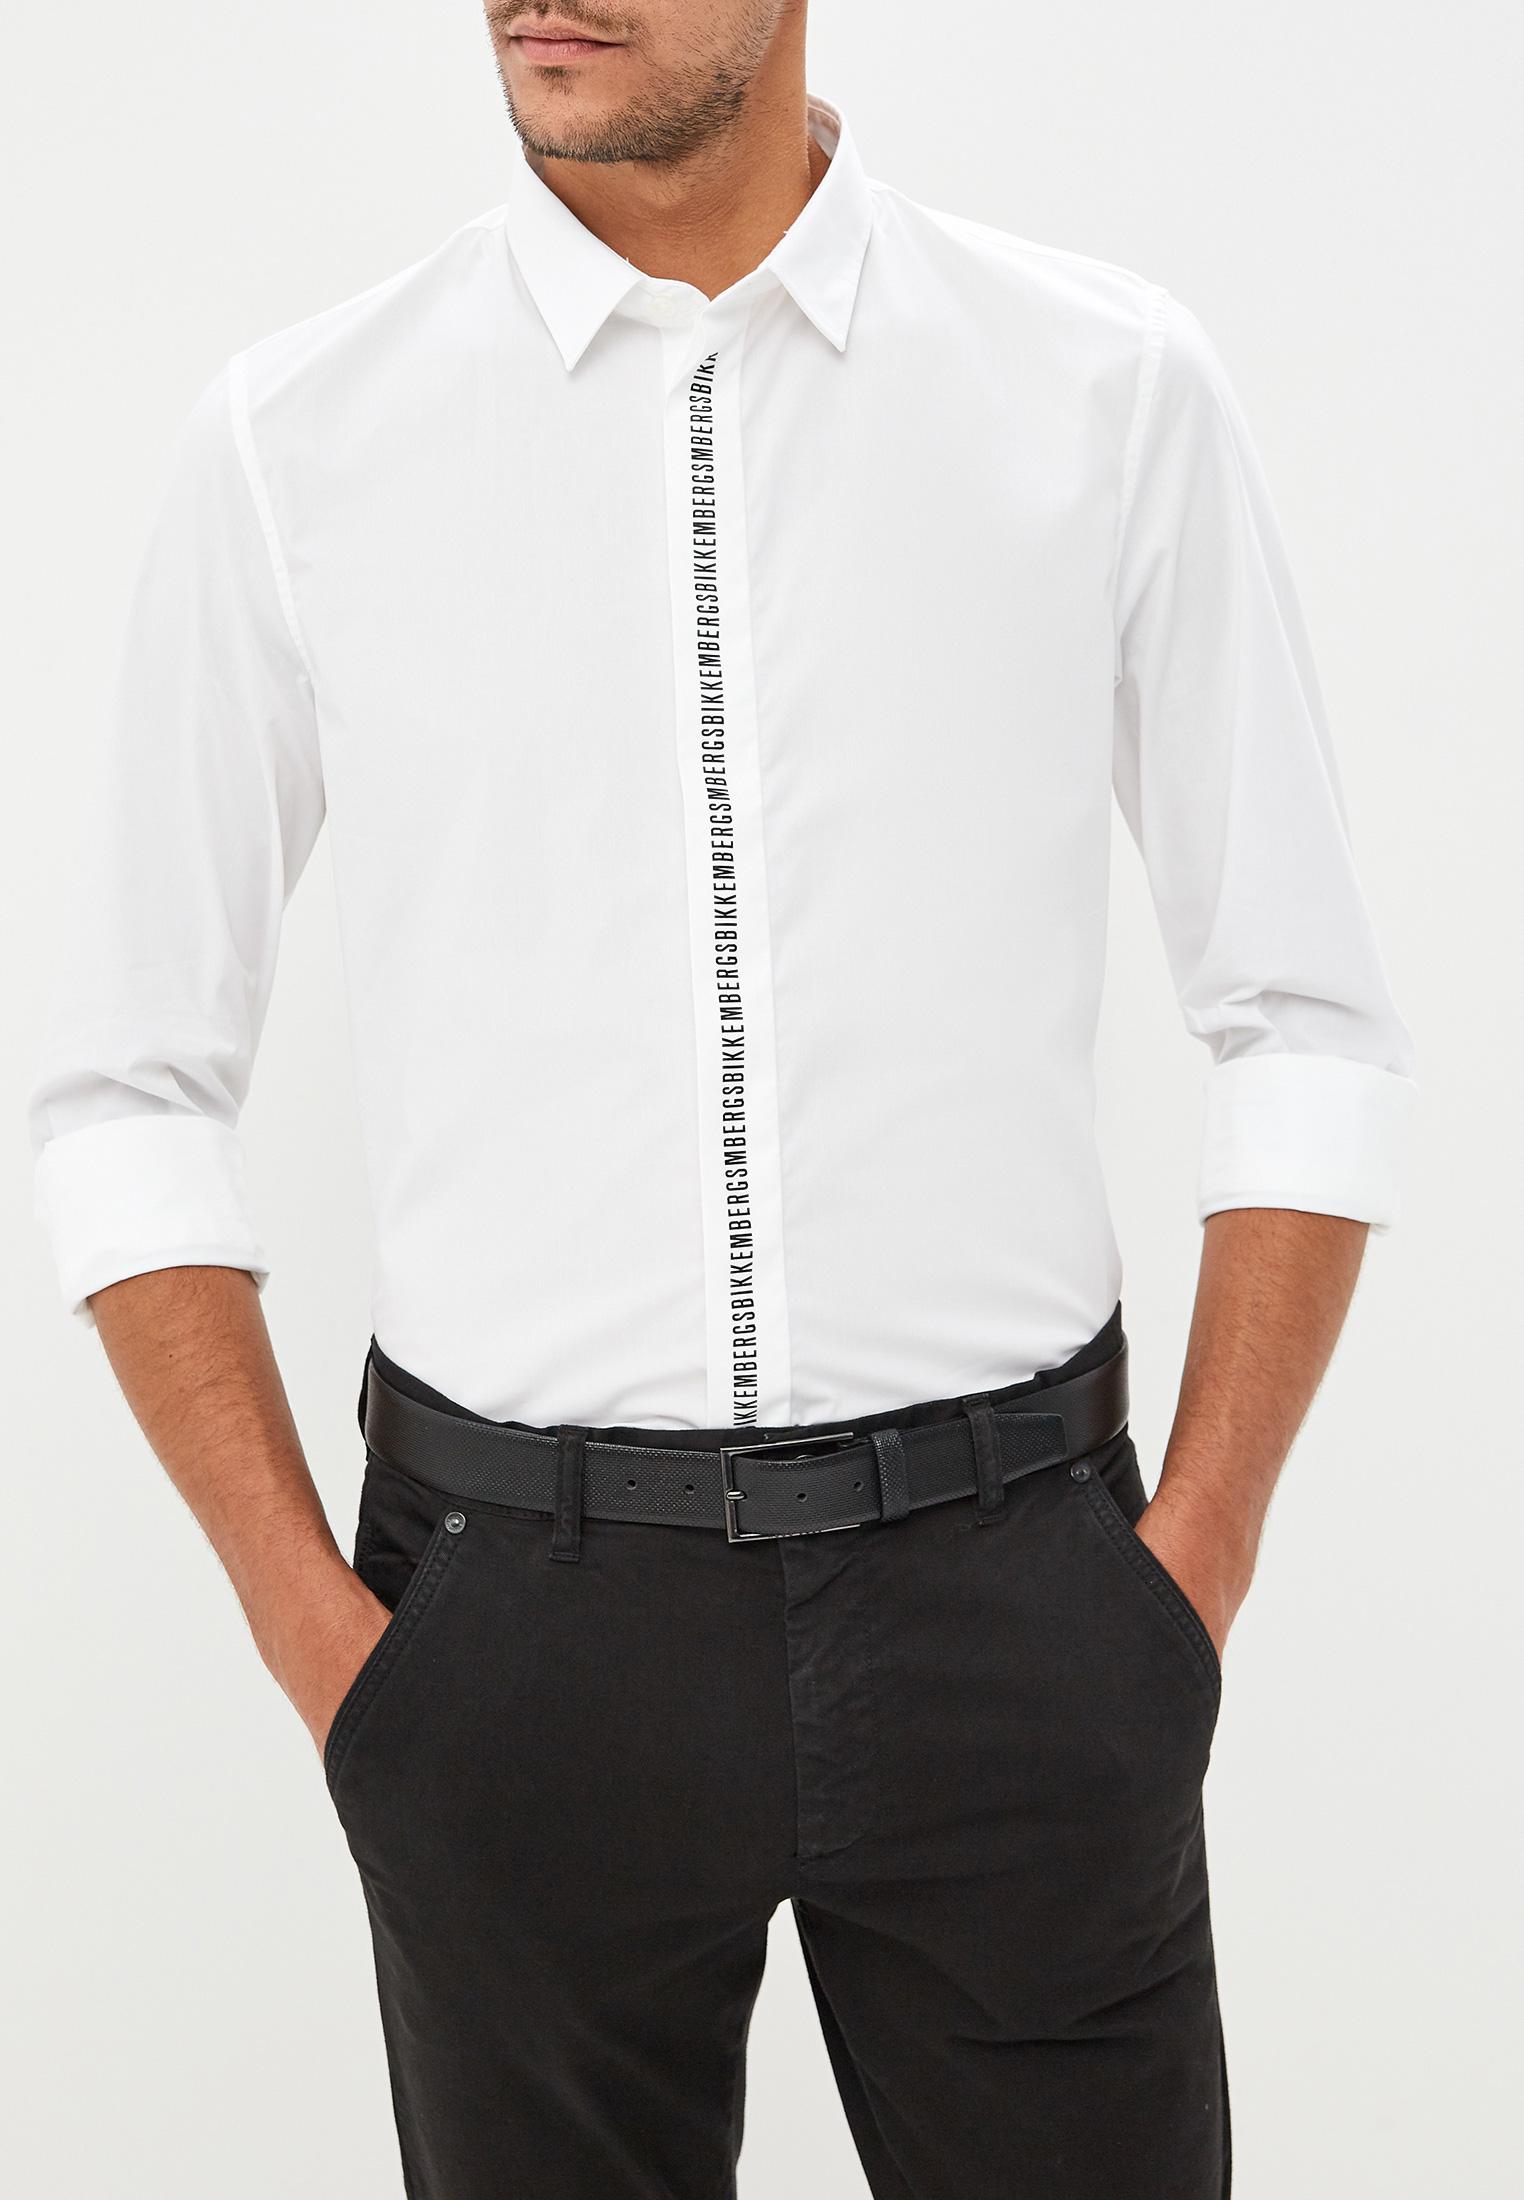 Рубашка с длинным рукавом Bikkembergs C C 011 03 S 2931